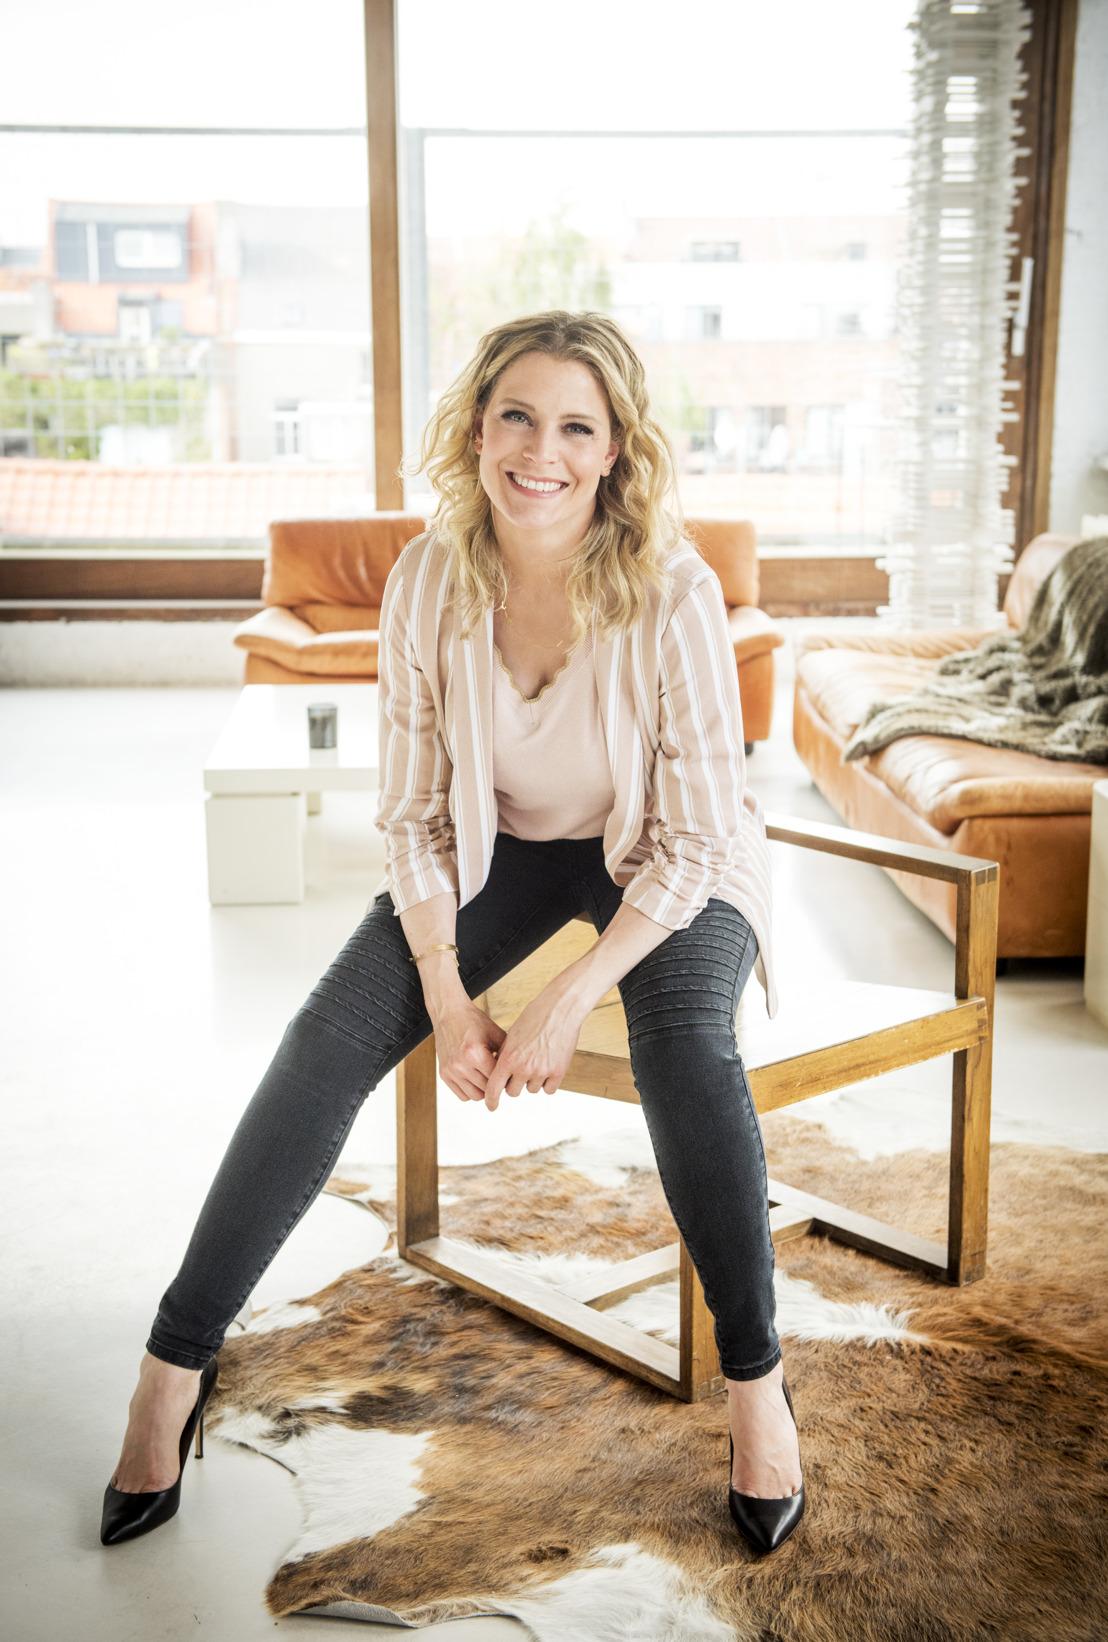 """Dina Tersago presenteert in 2019 nieuwste gegeerde tv-format """"Huis uit Handen"""" (Buying Blind) op VIER"""